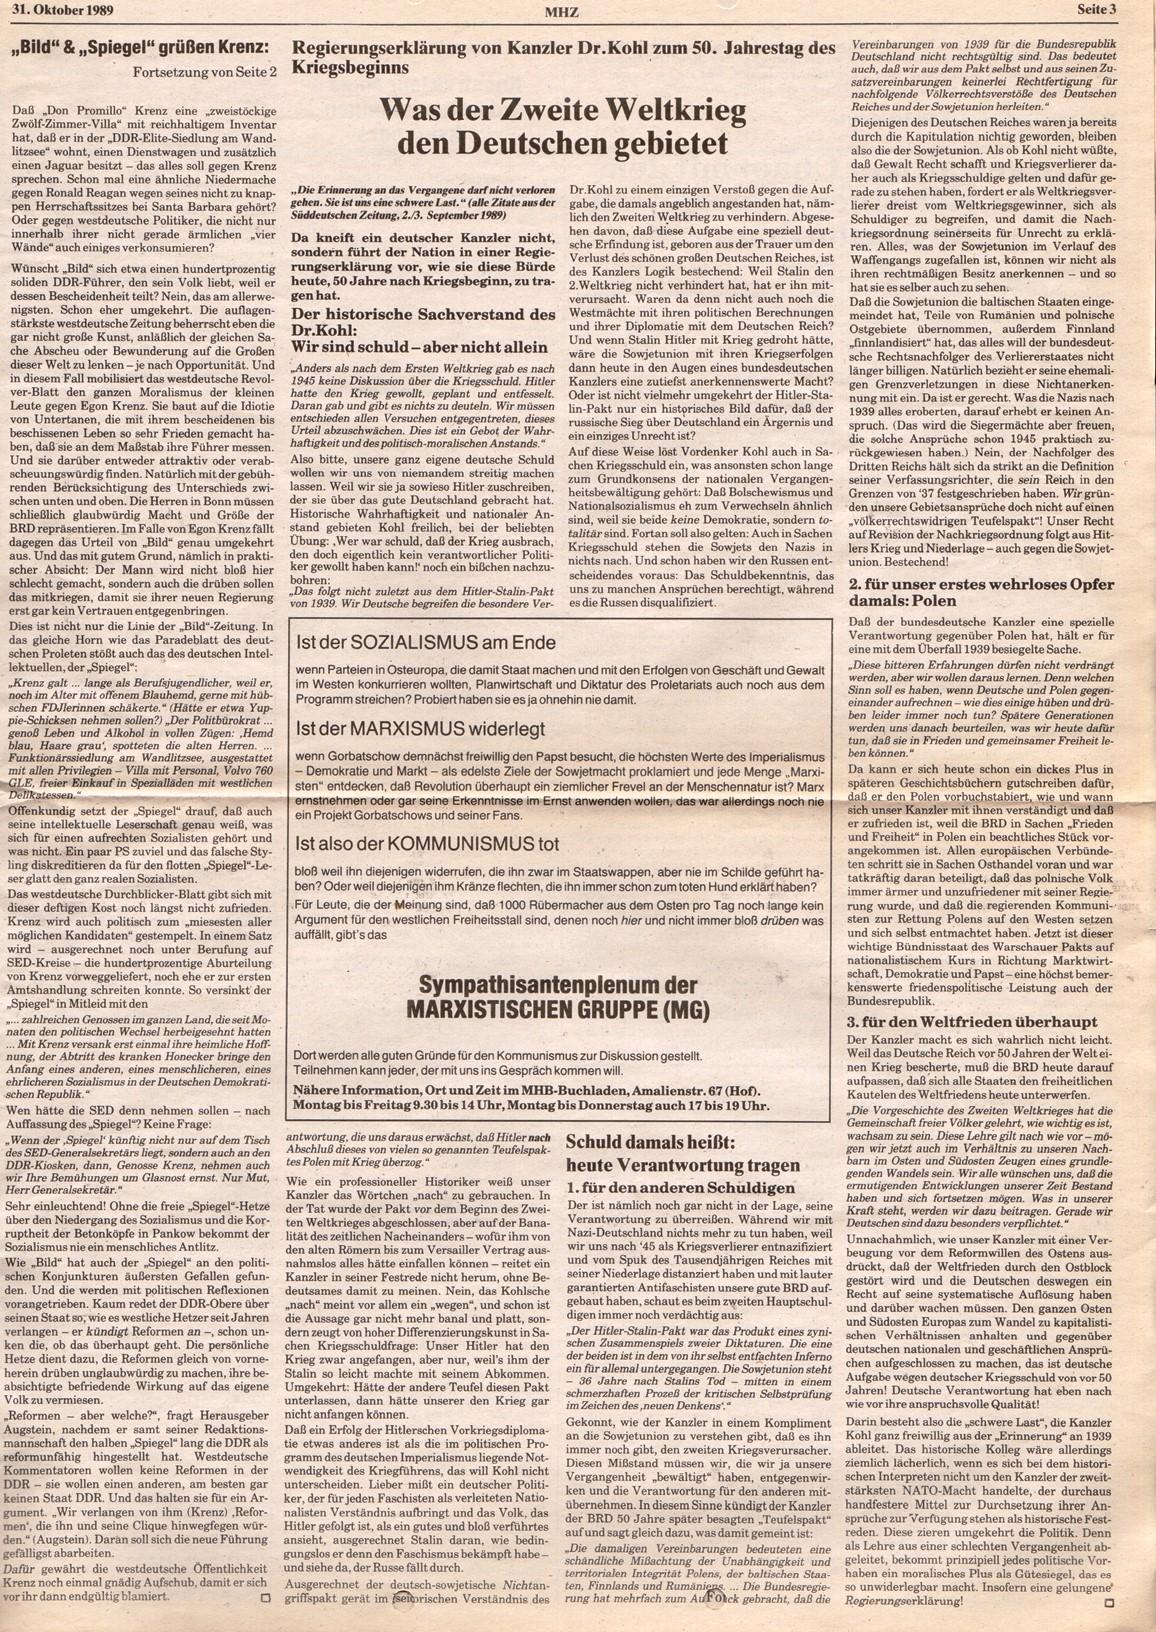 Muenchen_MG_Hochschulzeitung_19891031_03